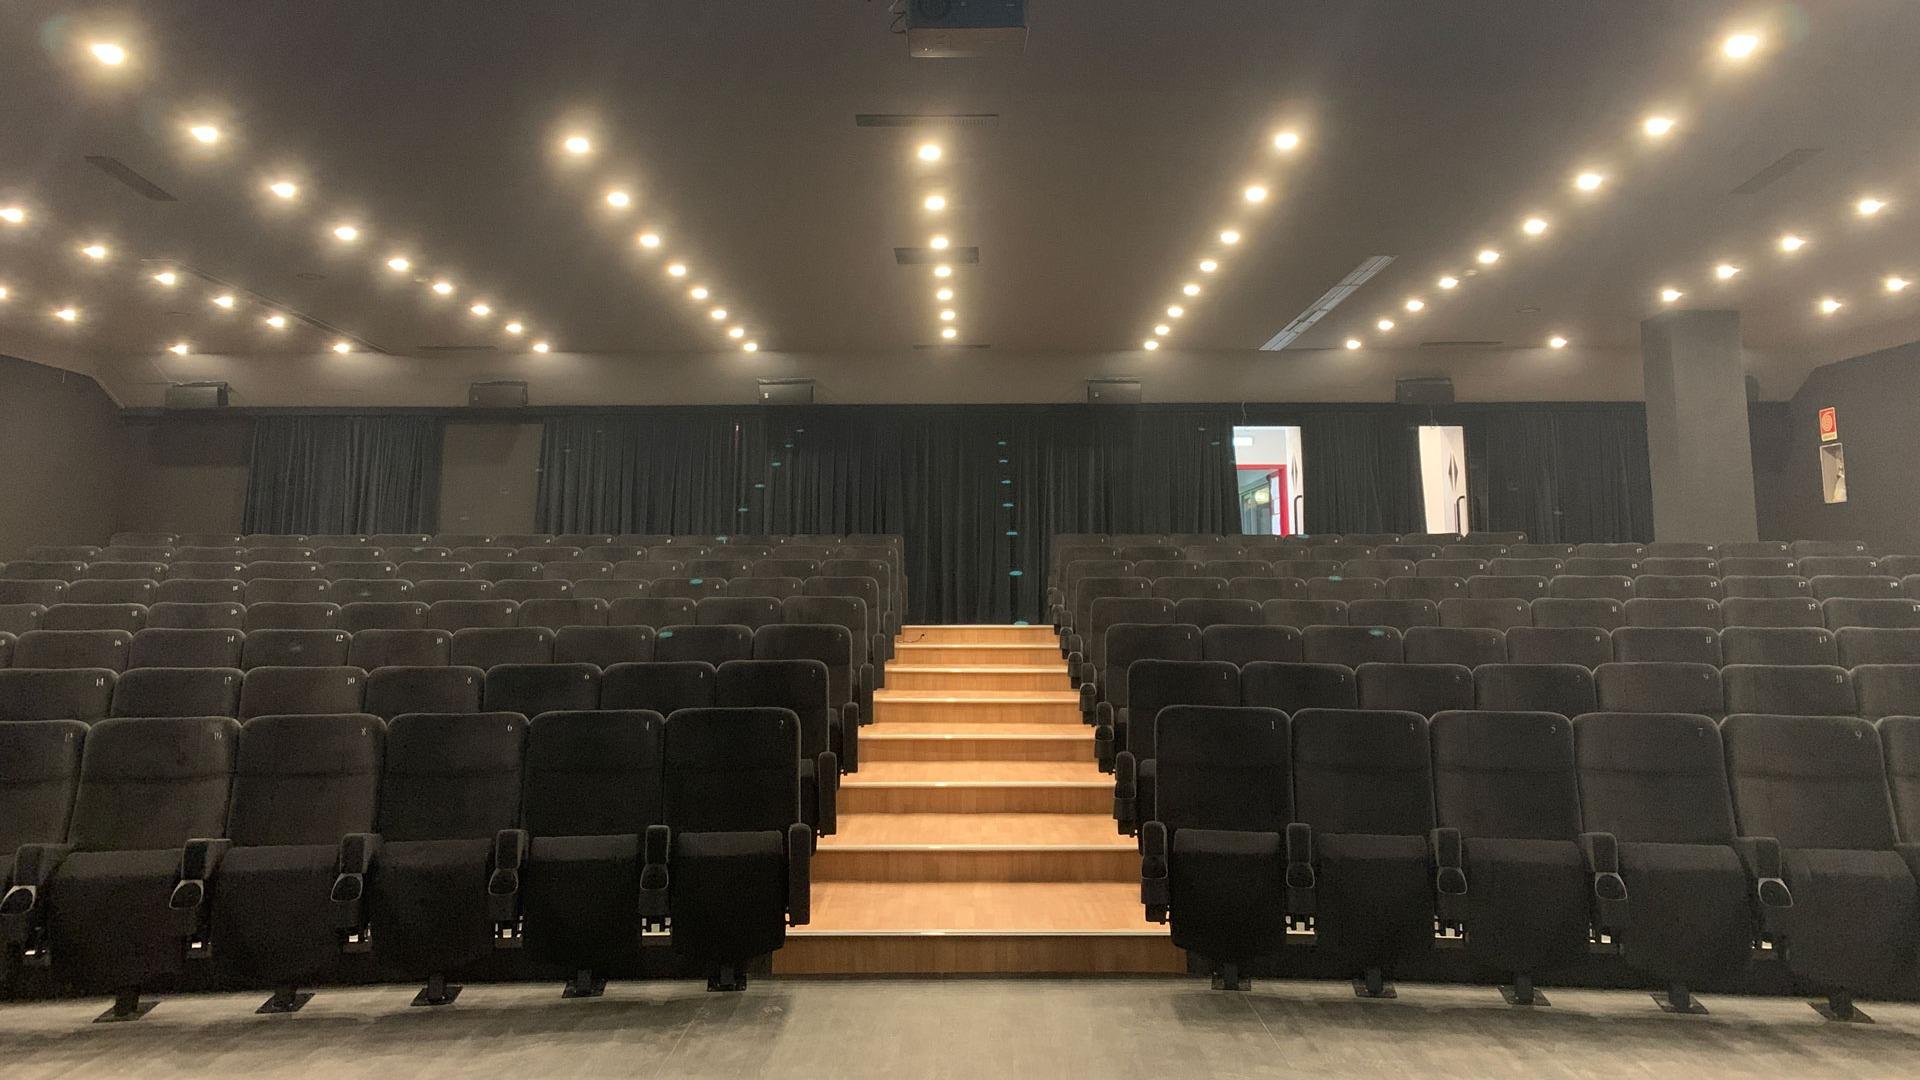 Il 7 Ottobre il CineTeatro Politeama riapre completamente restaurato